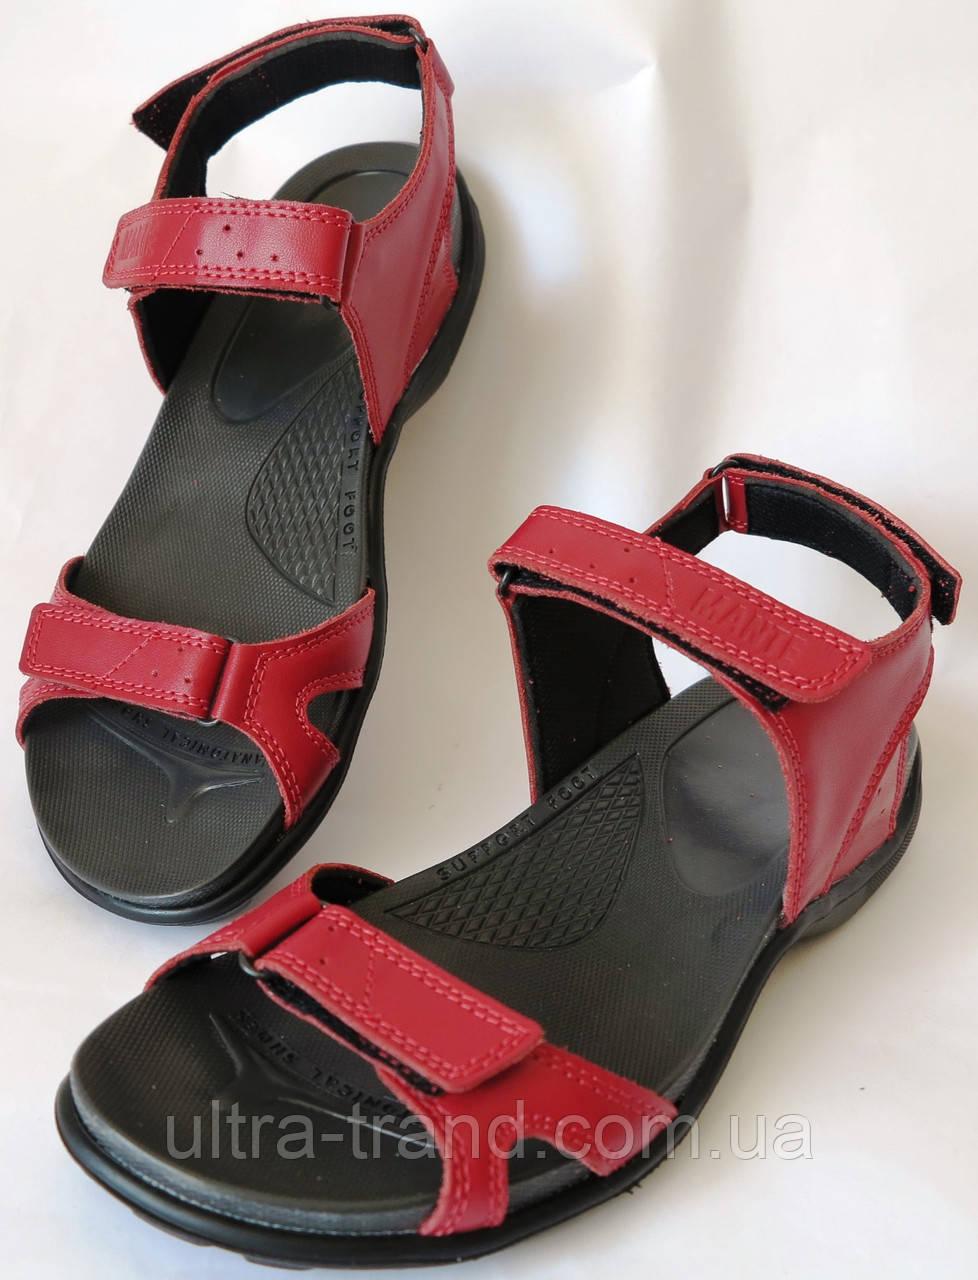 Mante Xbiom! Кожаные подростковые летние сандалии босоножки